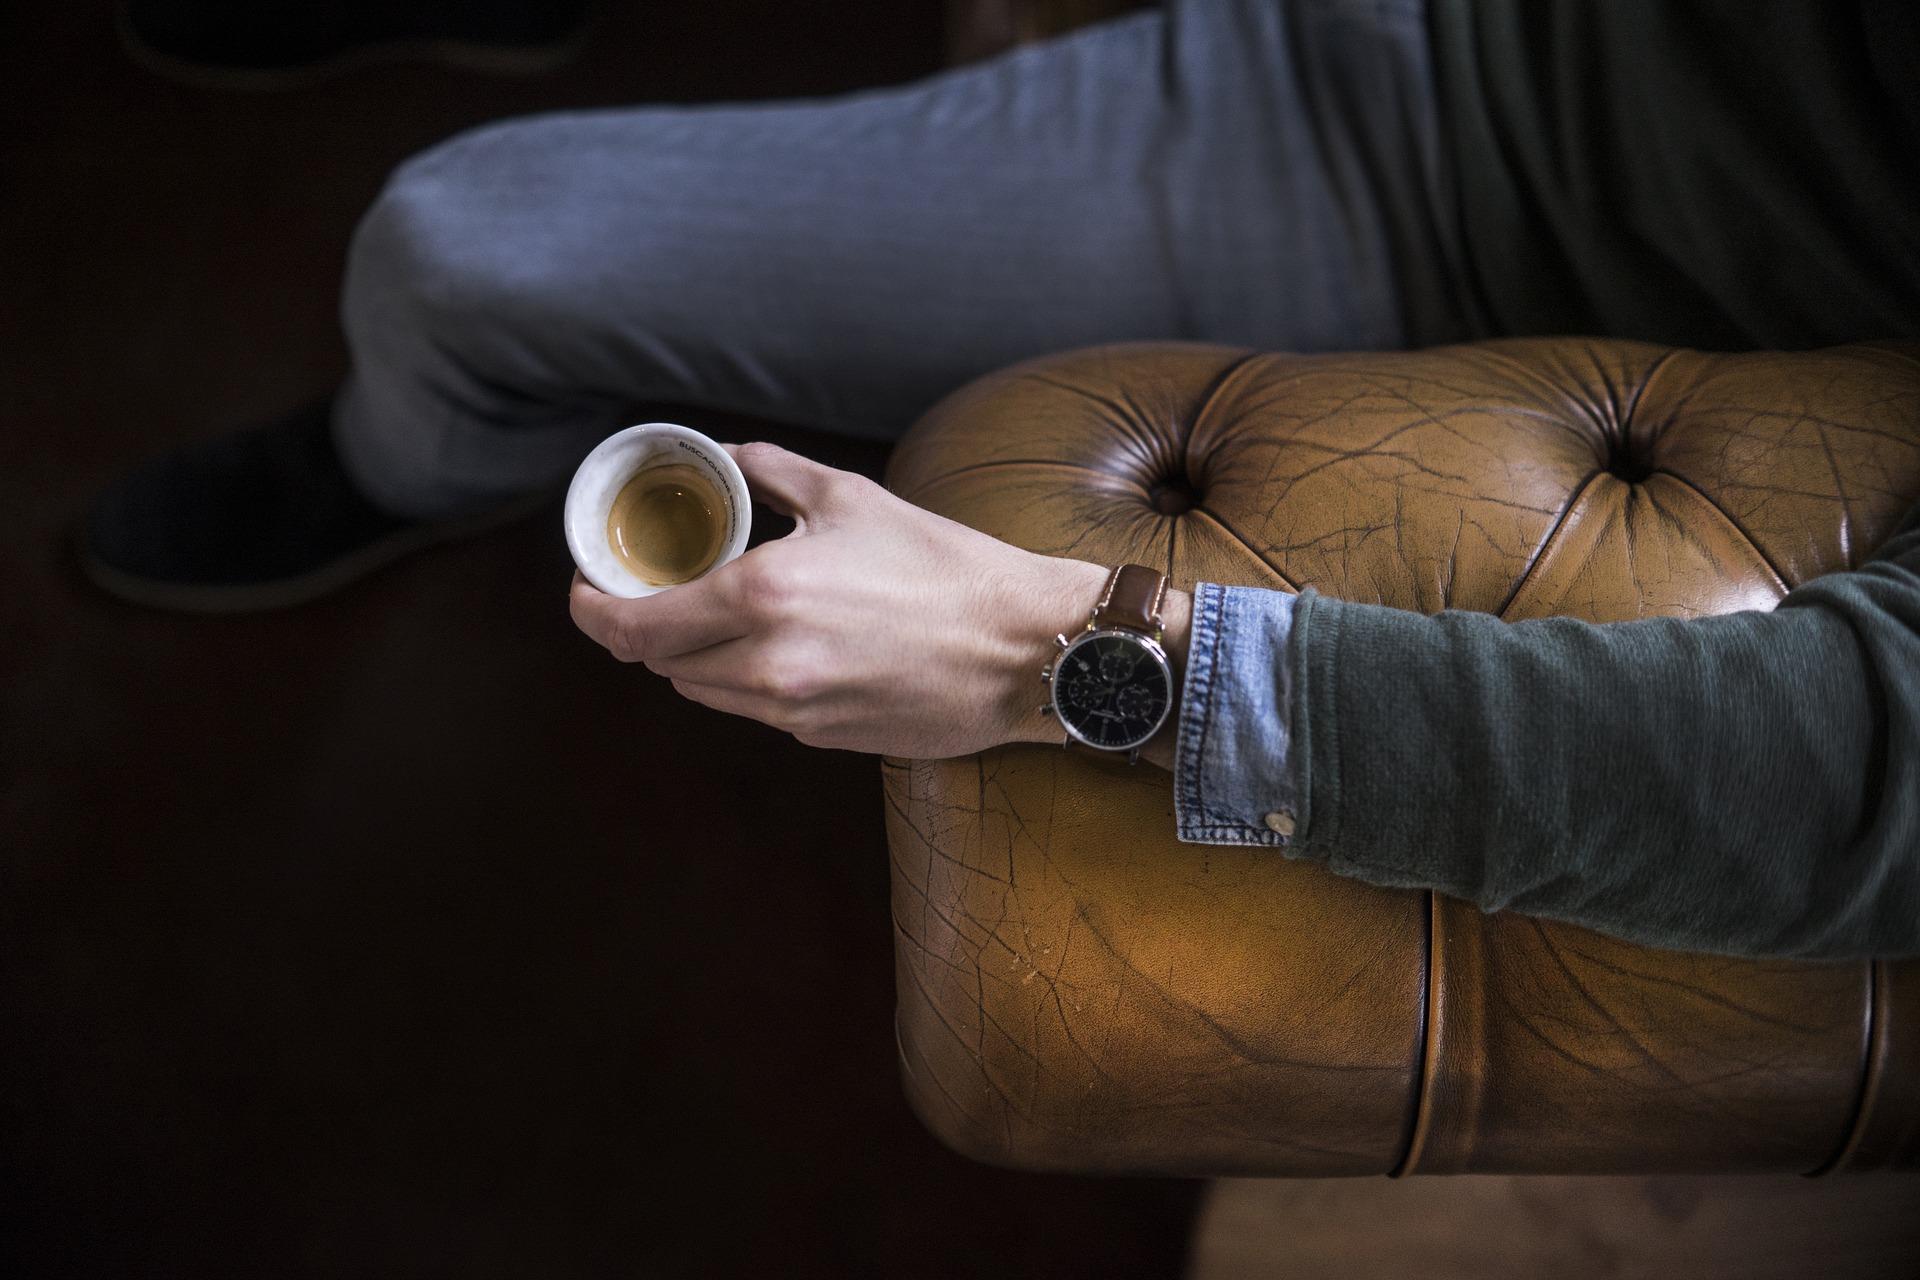 Chesterfield Style Sofa - für Männer mit Stil!